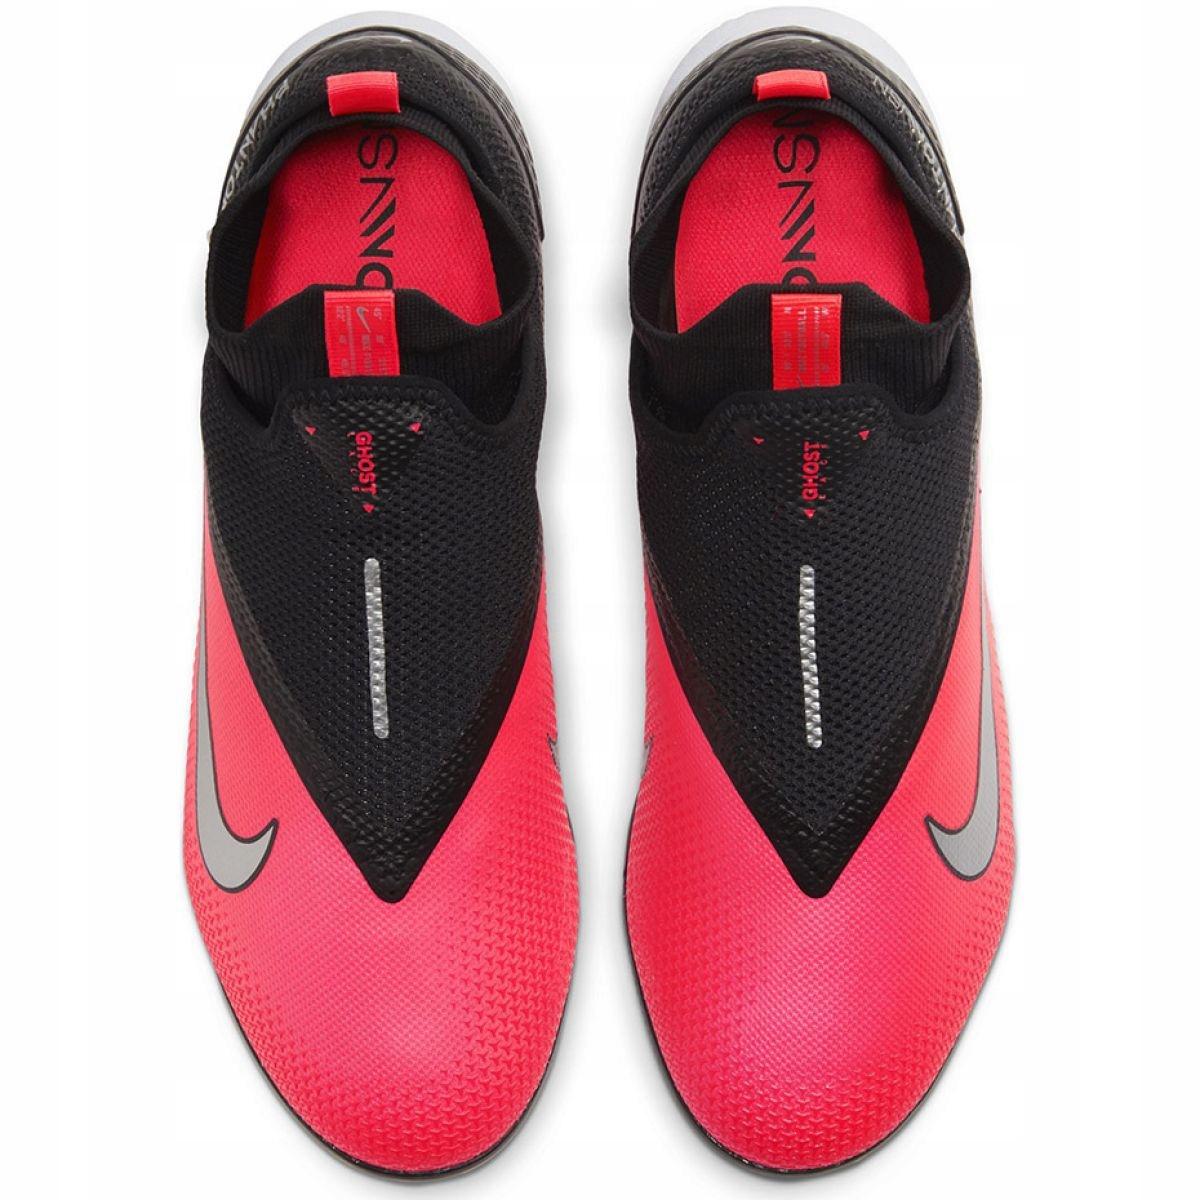 Tênis de corrida Nike React Phantom Vsn 2 Pro Df Ic M CD4170 606 vermelho vermelho